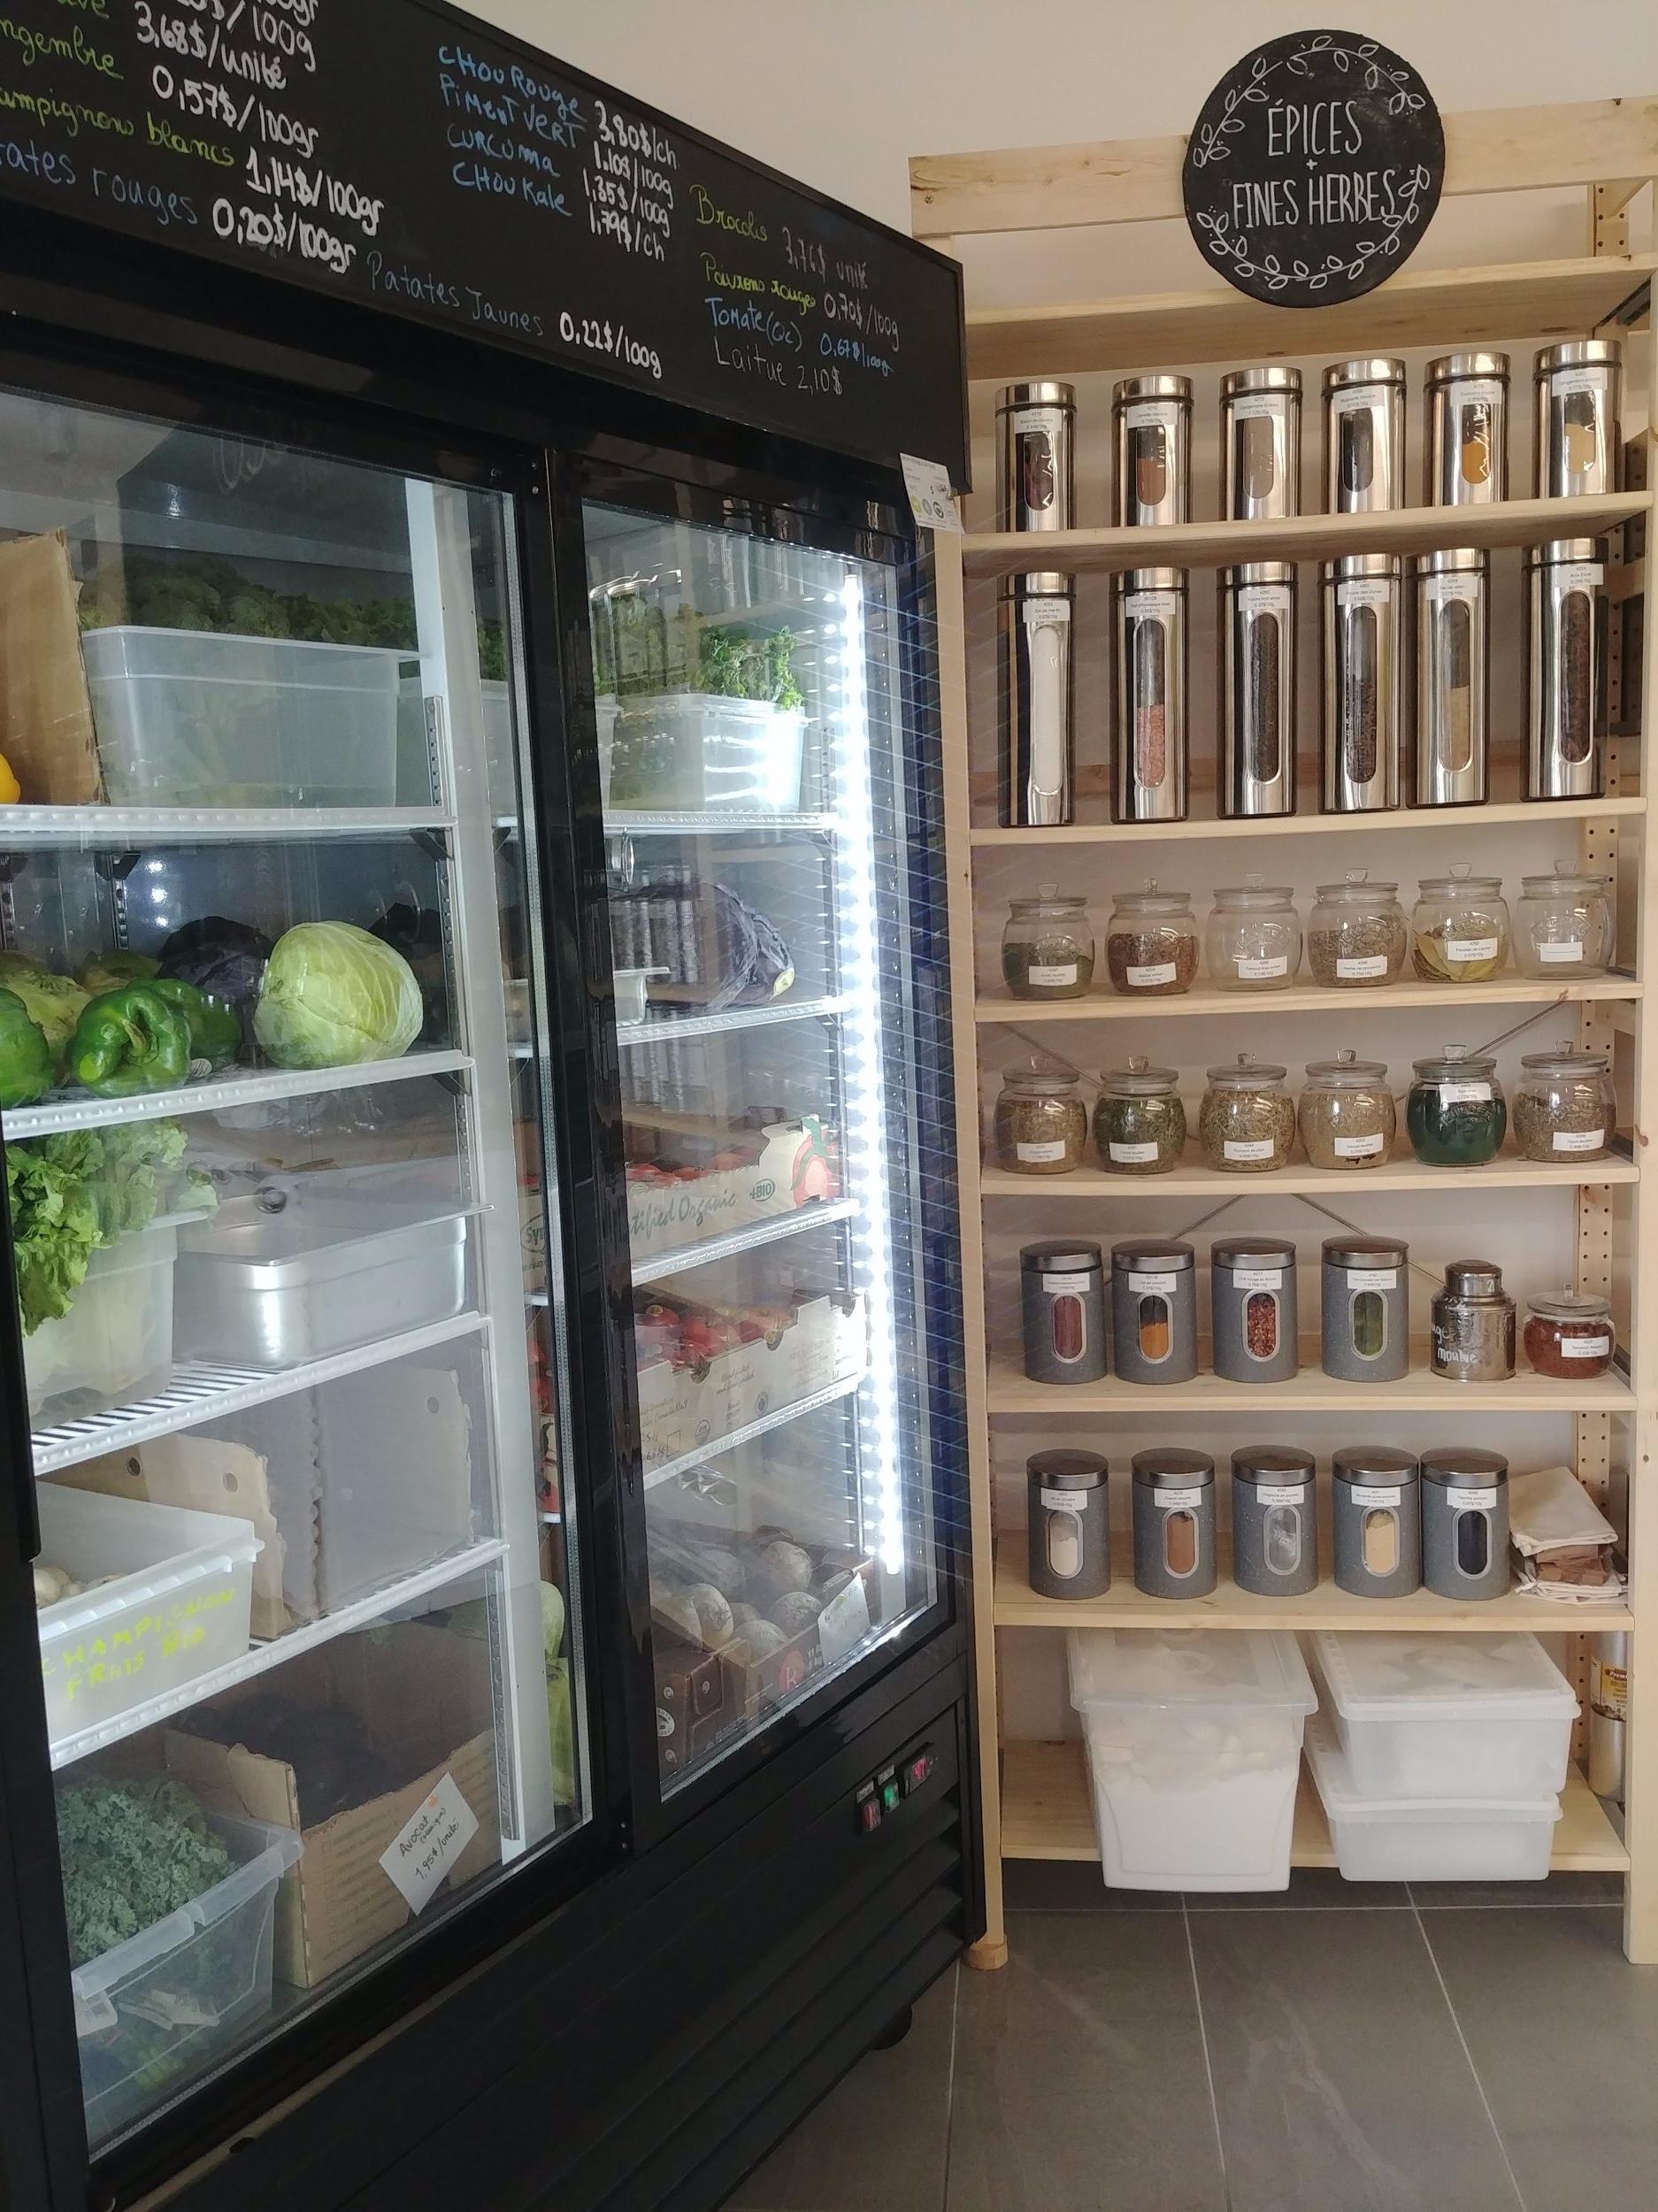 épicerie zéro déchet- Loco-vrac-écolo-tendance 2019-Brossard-alimentation-Je suis une maman